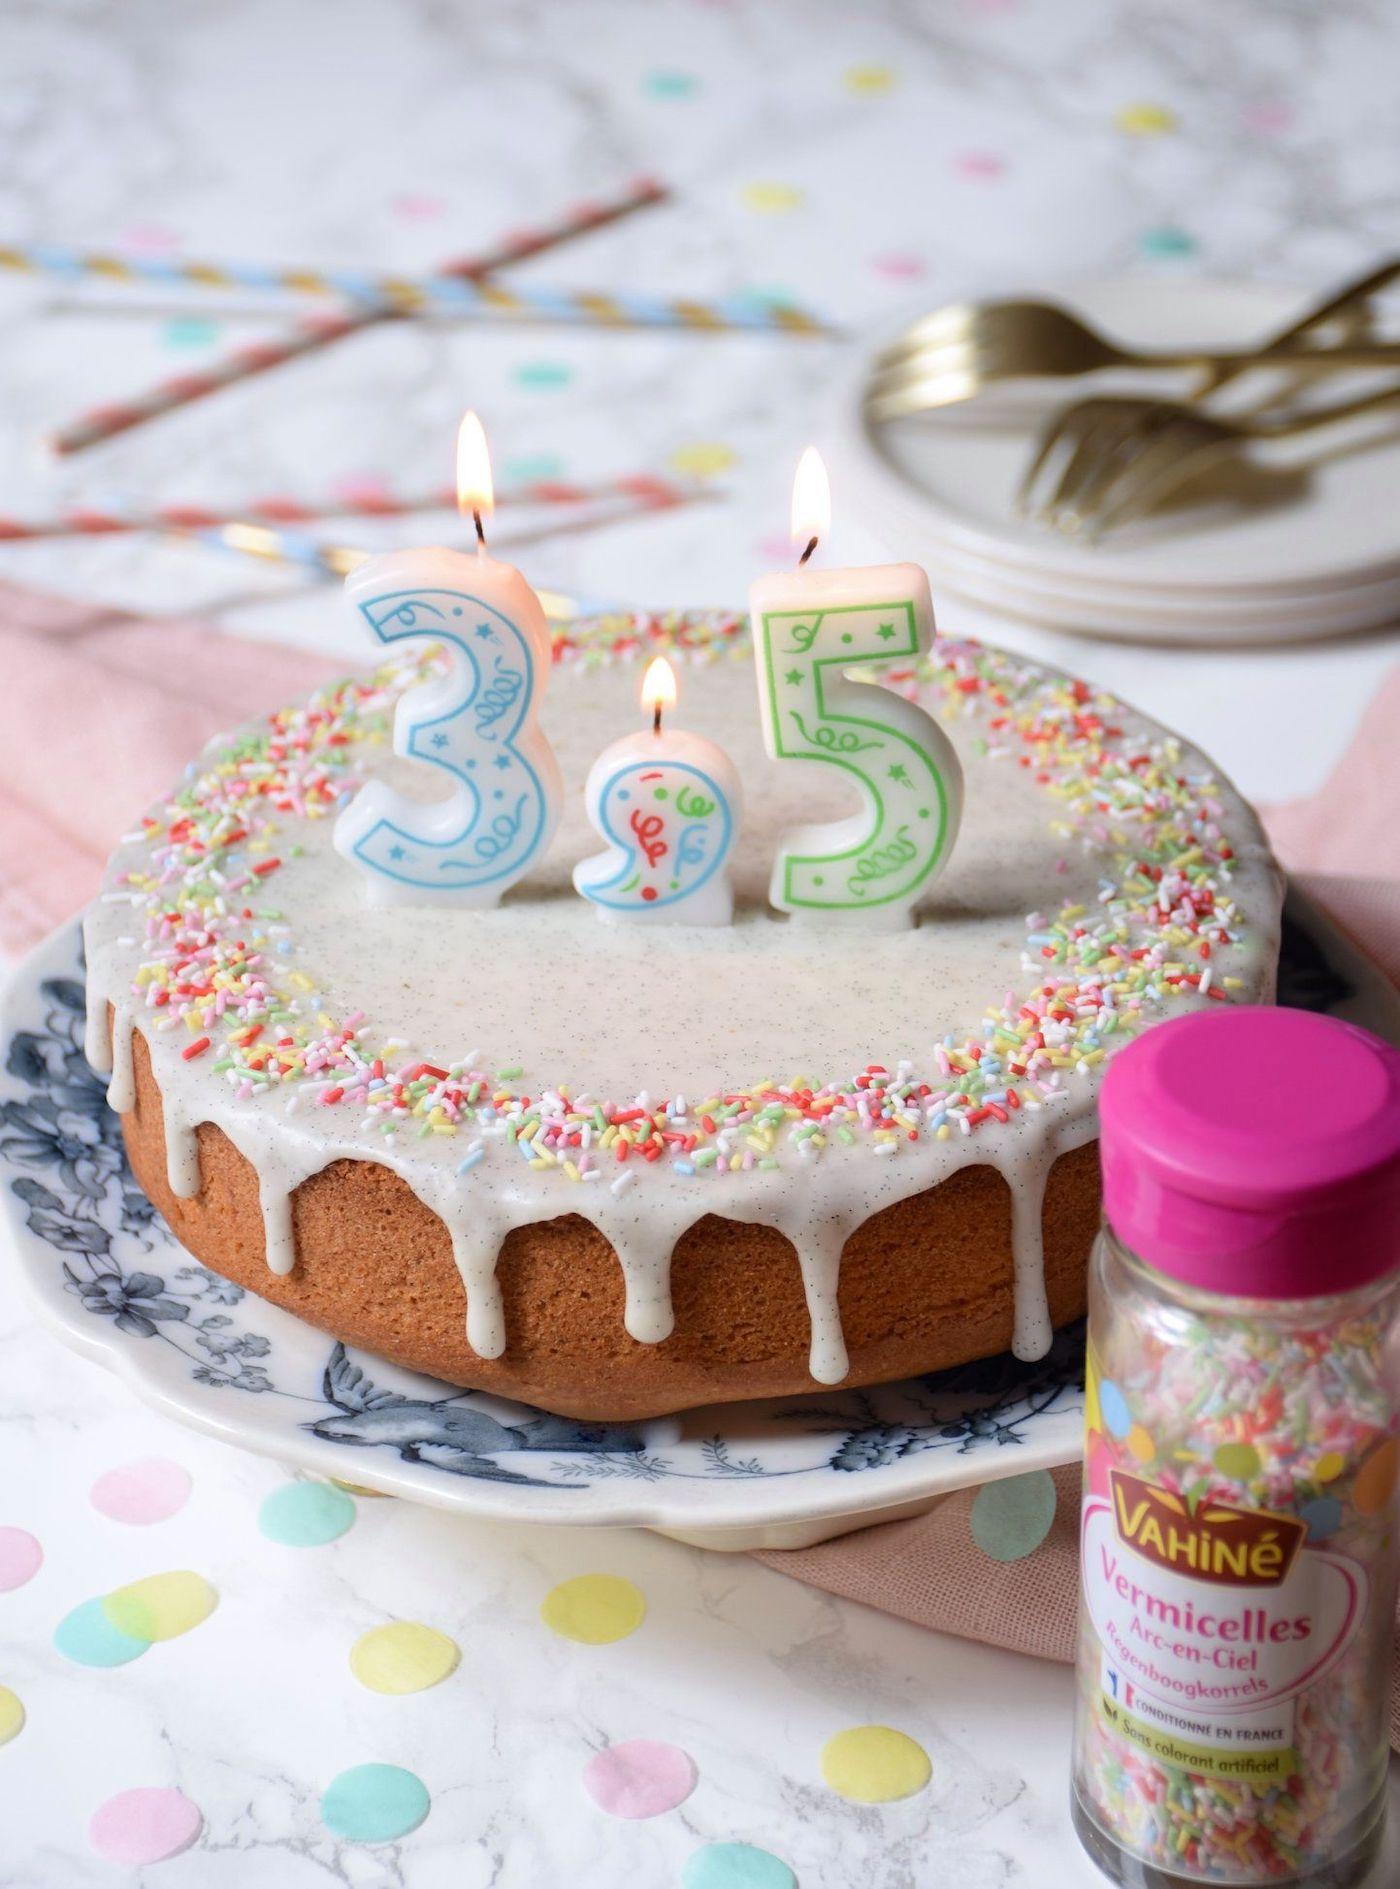 Vahiné crée une bougie virgule pour fêter les demi-anniversaires